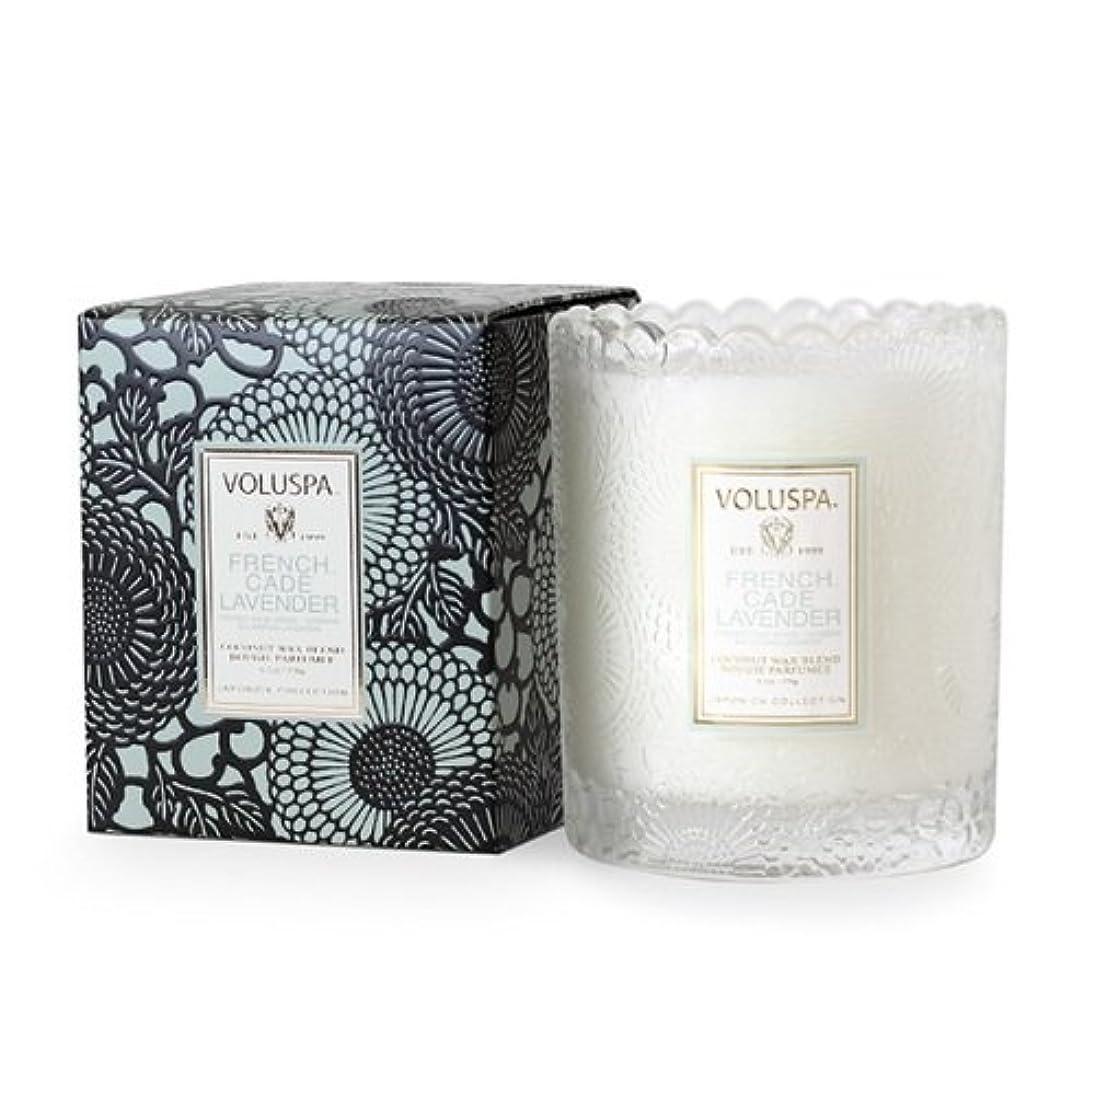 満足ビタミン財産Voluspa ボルスパ ジャポニカ スカラップグラスキャンドル フレンチケード&ラベンダー JAPONICA Glass Candle FRENCH CADE LAVENDER